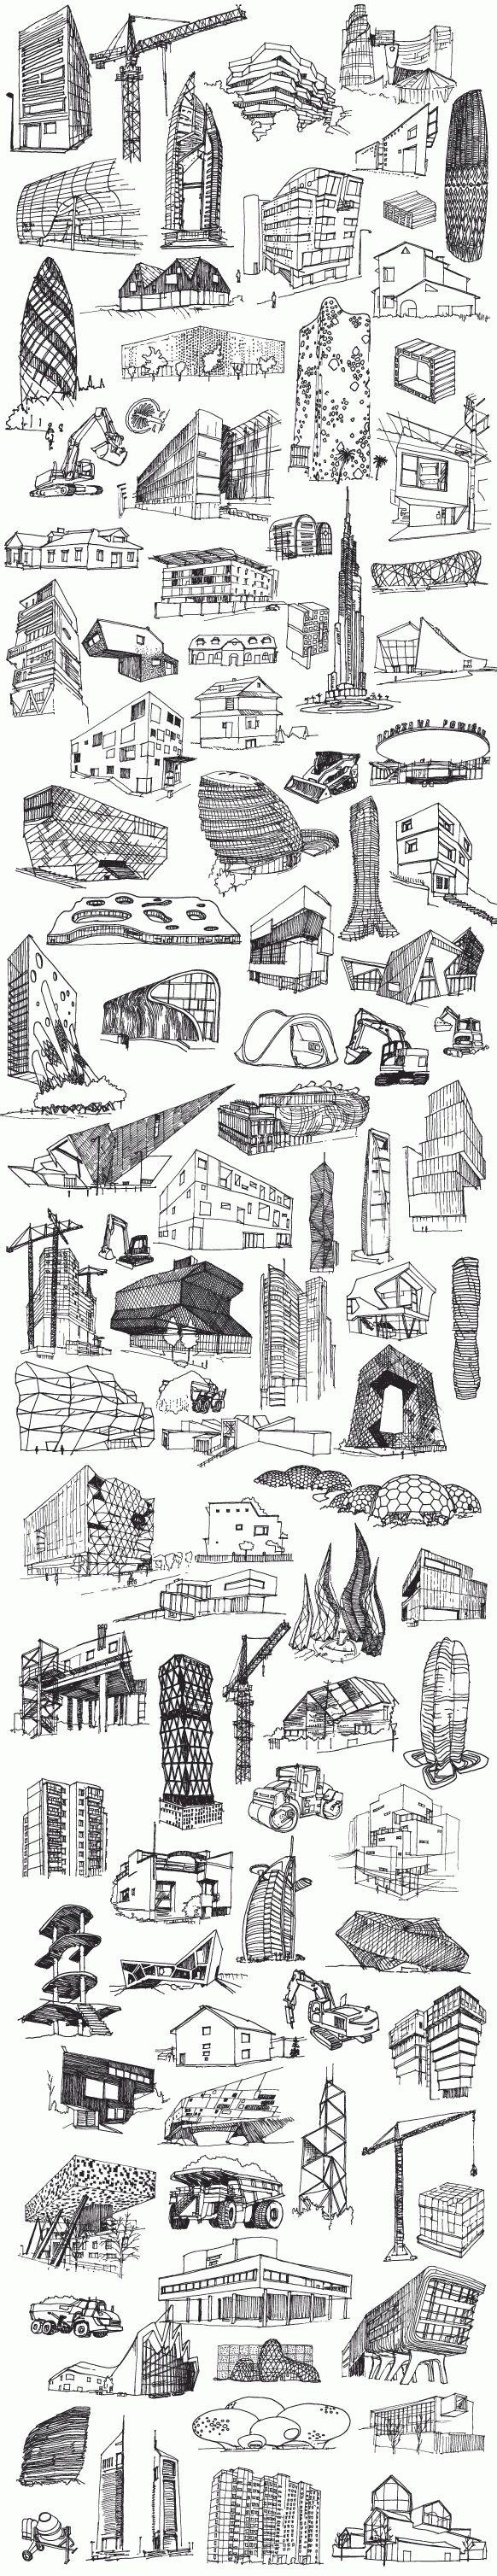 Drawing skycrapers